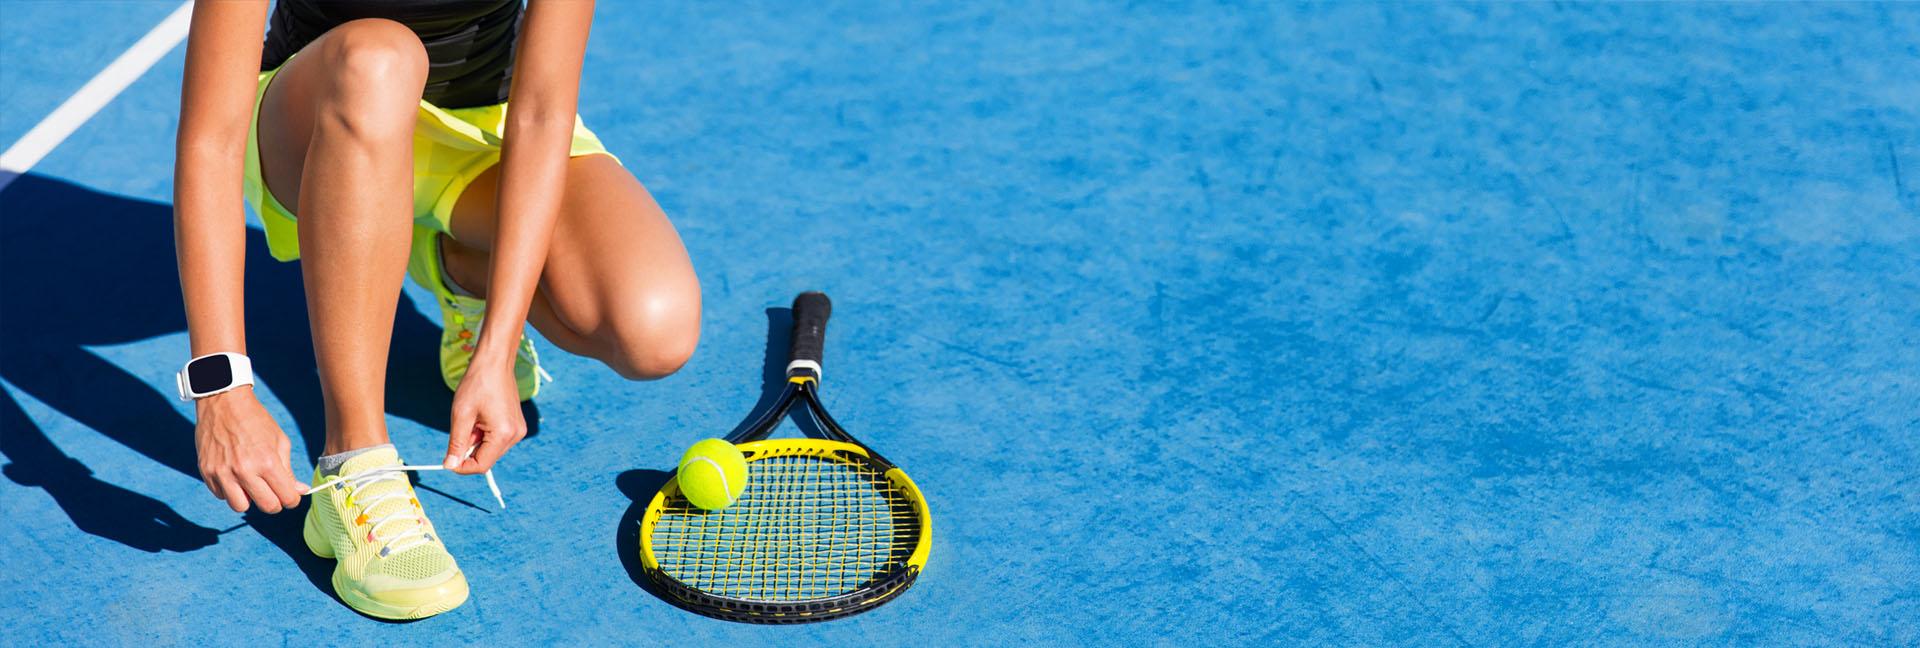 Ernährungsberatung - Ernährung für Freizeitsportler, Tennis